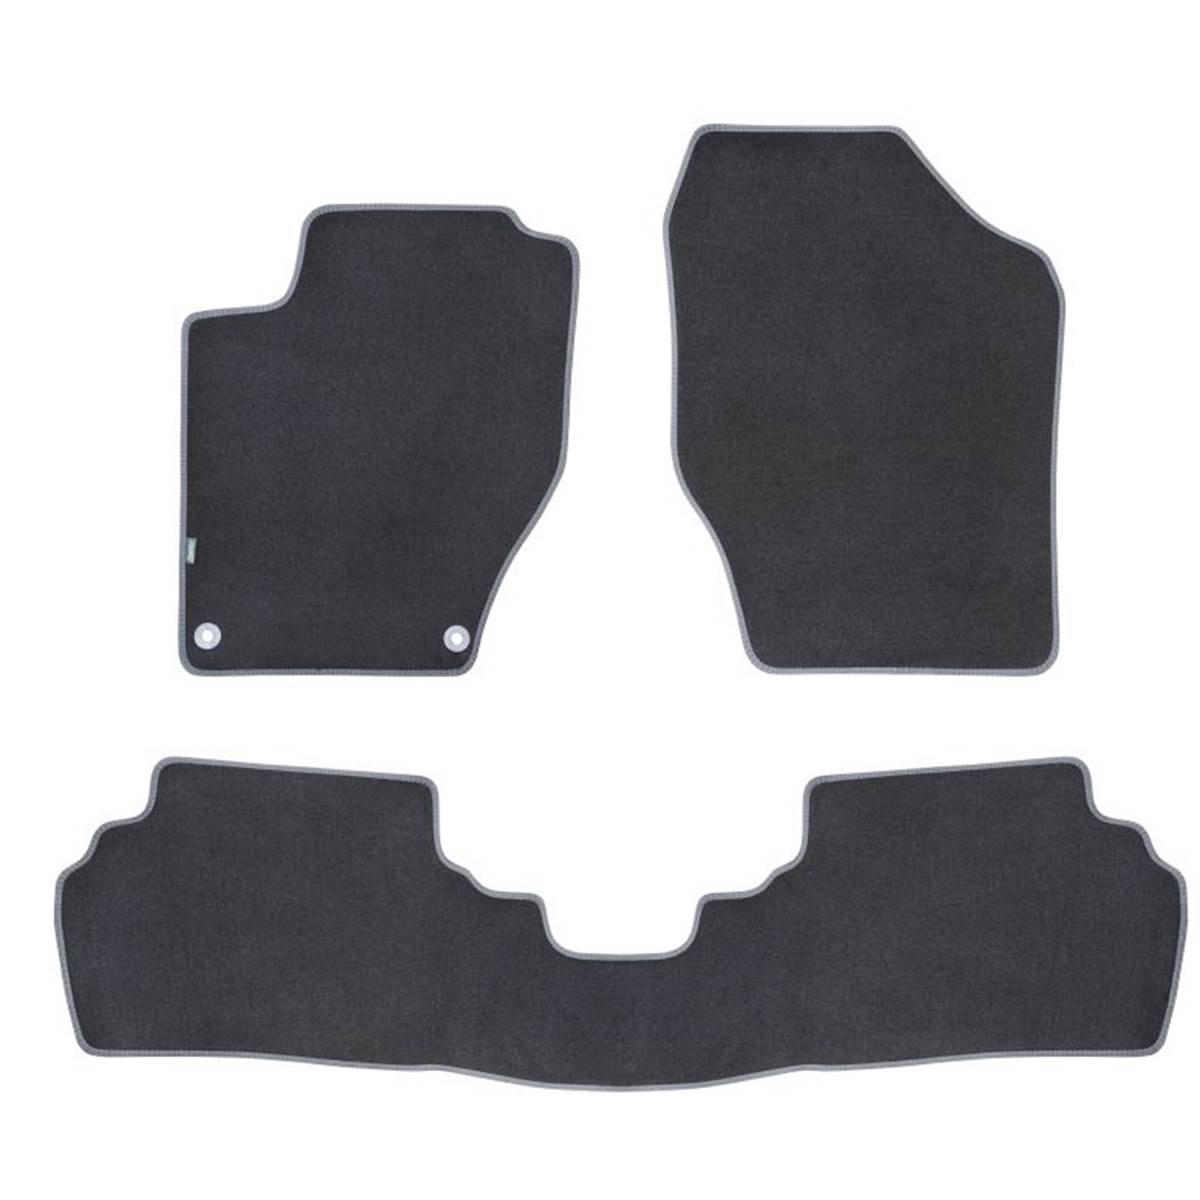 3 tapis de voiture moquette pour citro n c4 version 2 ds4 feu vert premium. Black Bedroom Furniture Sets. Home Design Ideas